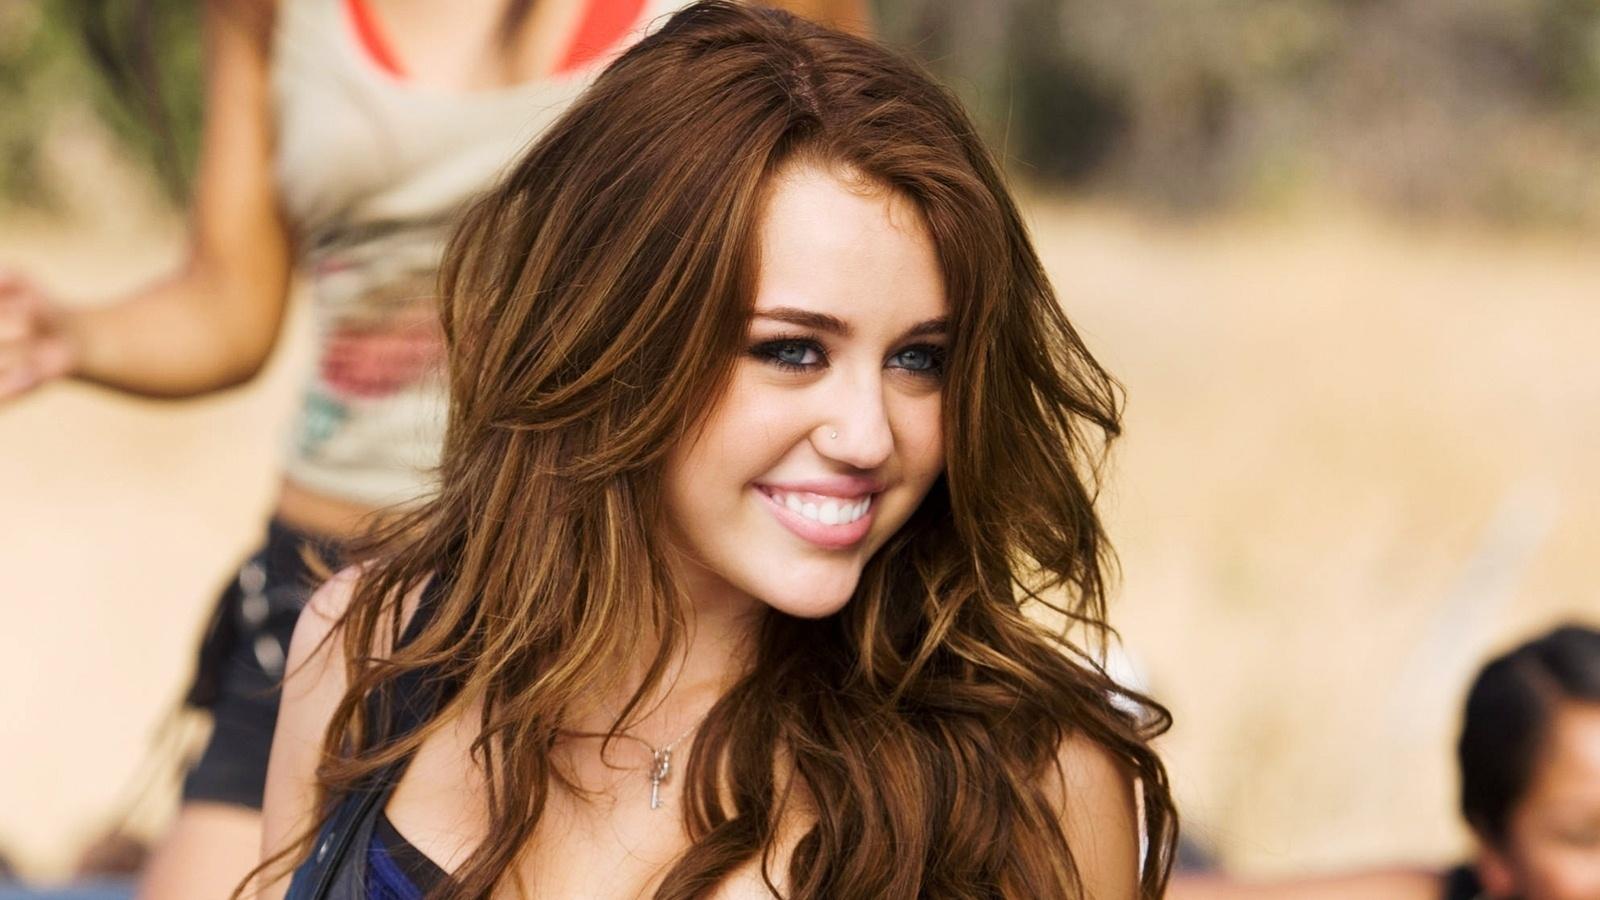 Hit 10 năm trước của Miley Cyrus bỗng nổi đình đám sau chiến thắng của Biden